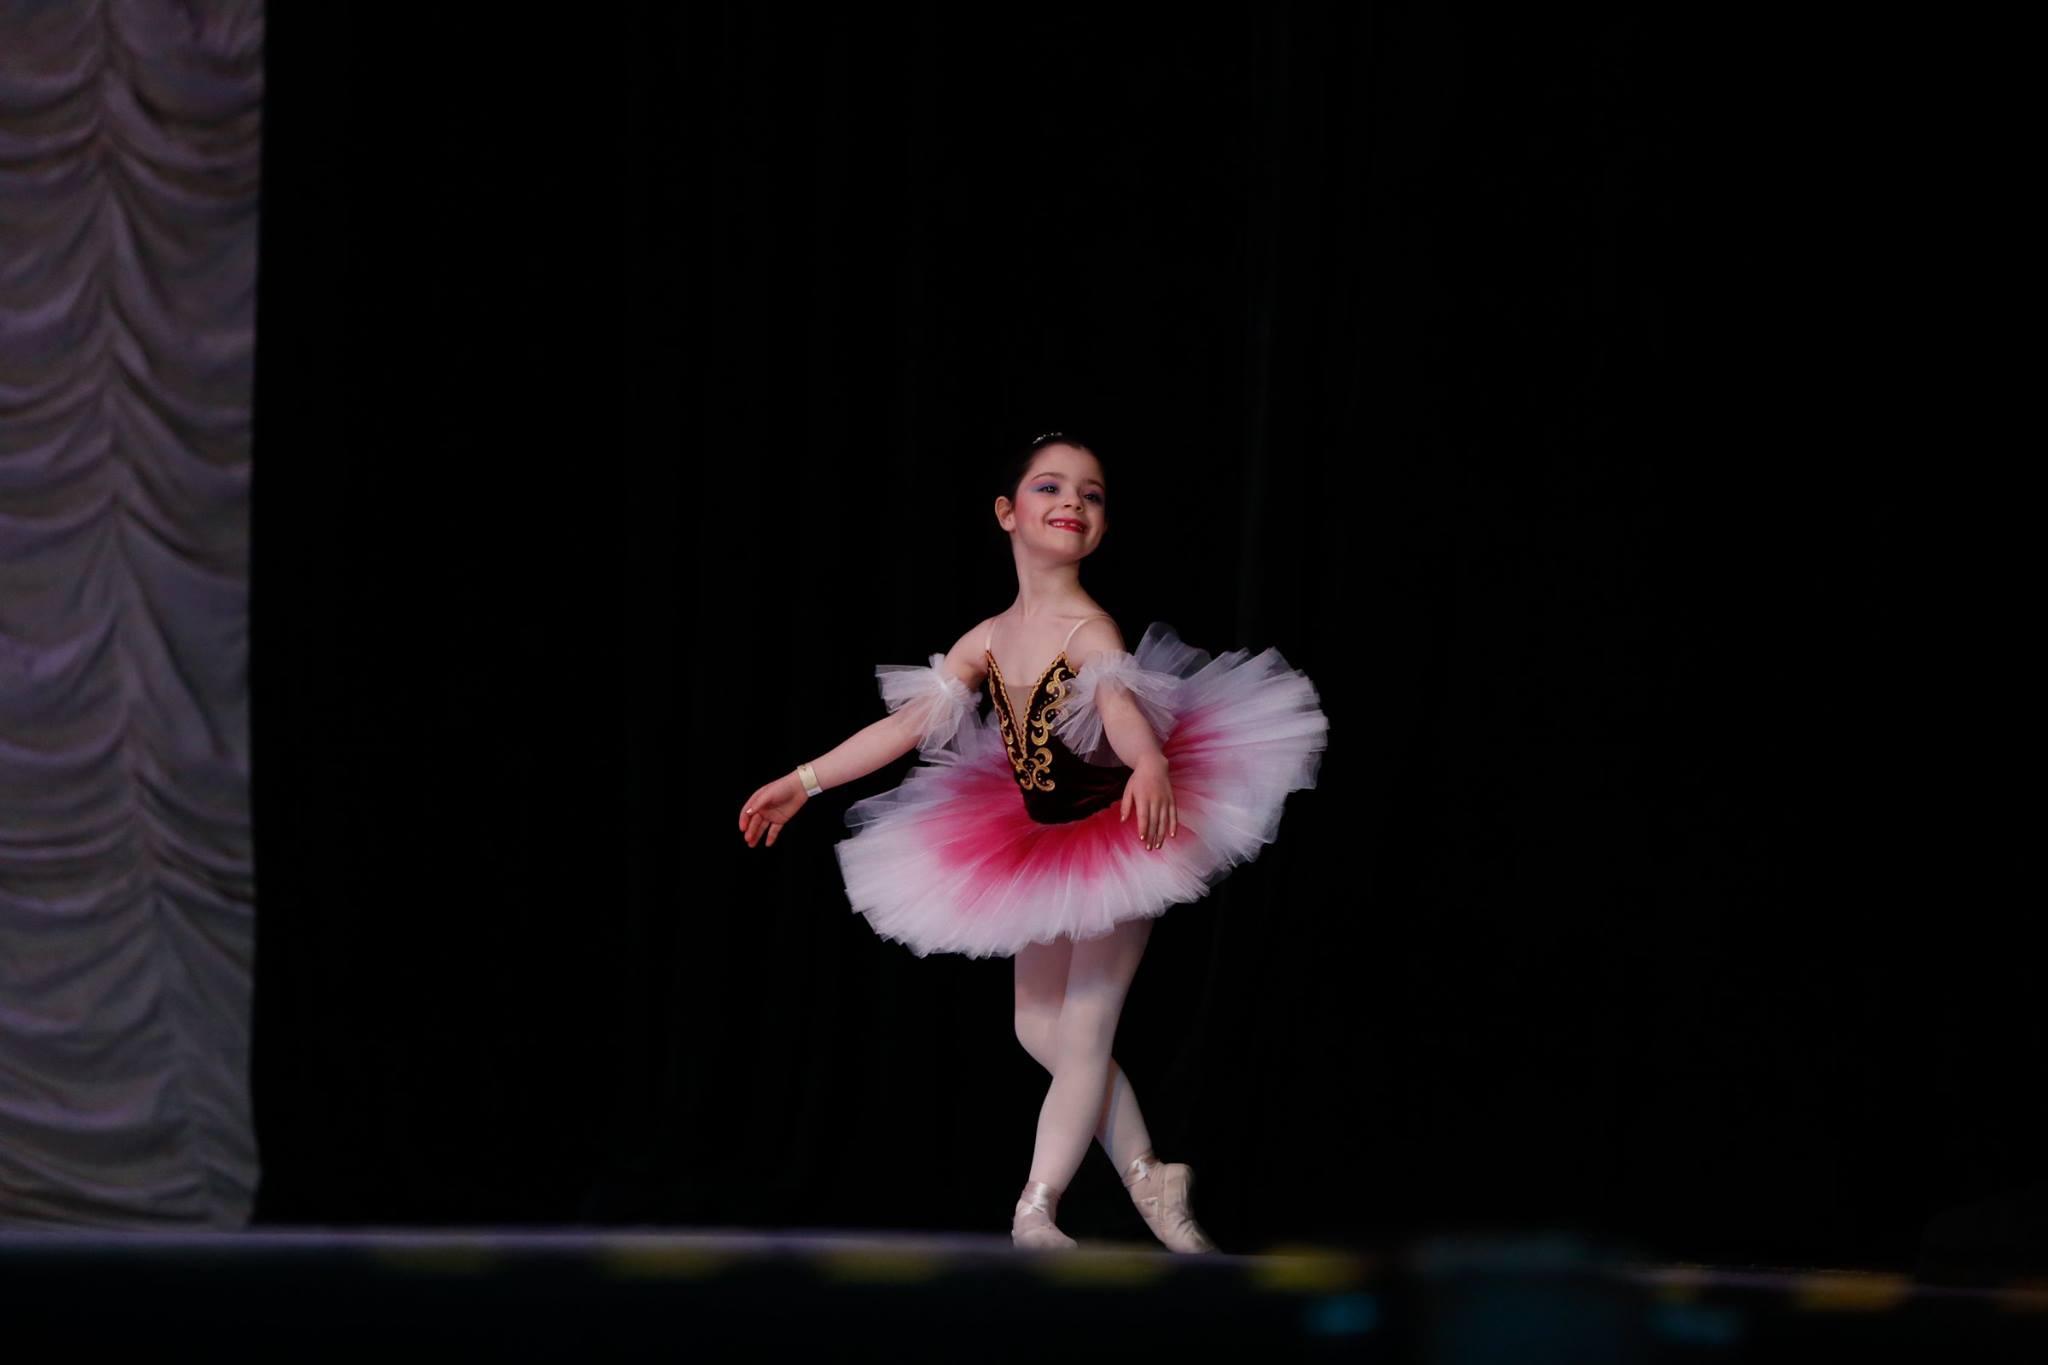 Подкрепа в професионалното развитието на талантливи деца - Яница Георгиева